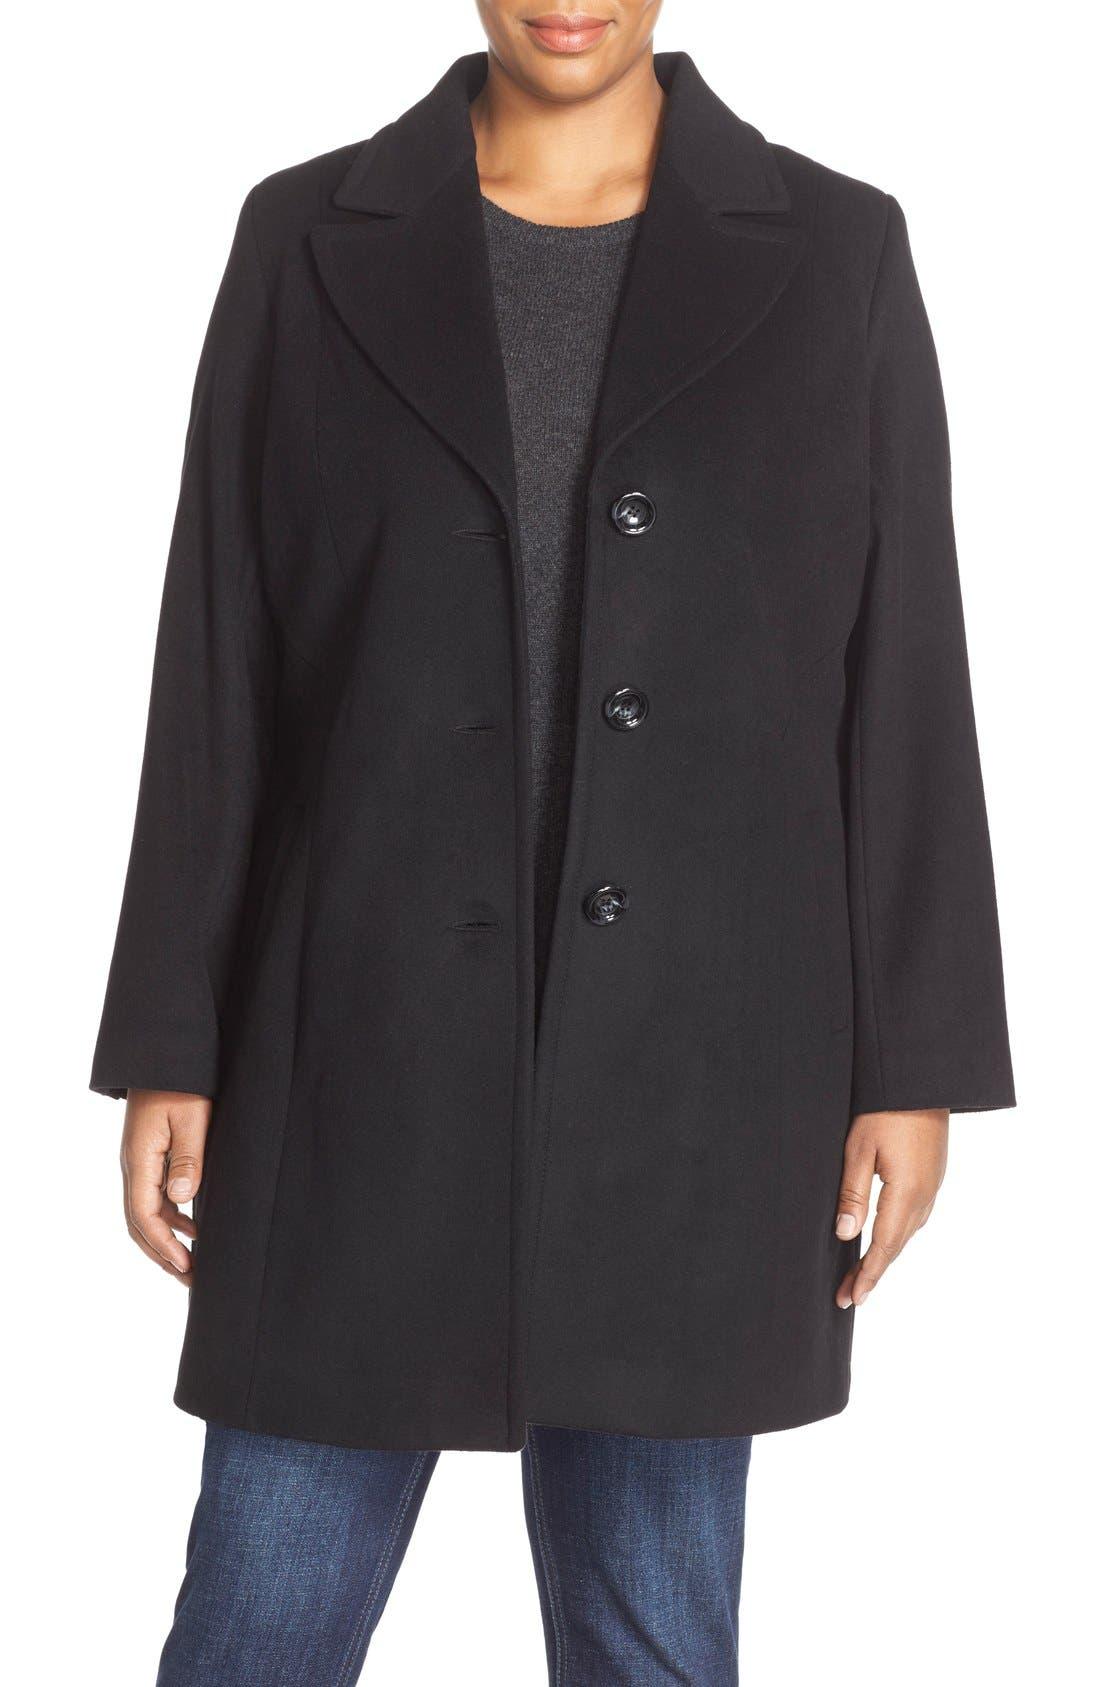 Alternate Image 1 Selected - Kristen Blake Notch Collar Wool Blend Coat (Plus Size)